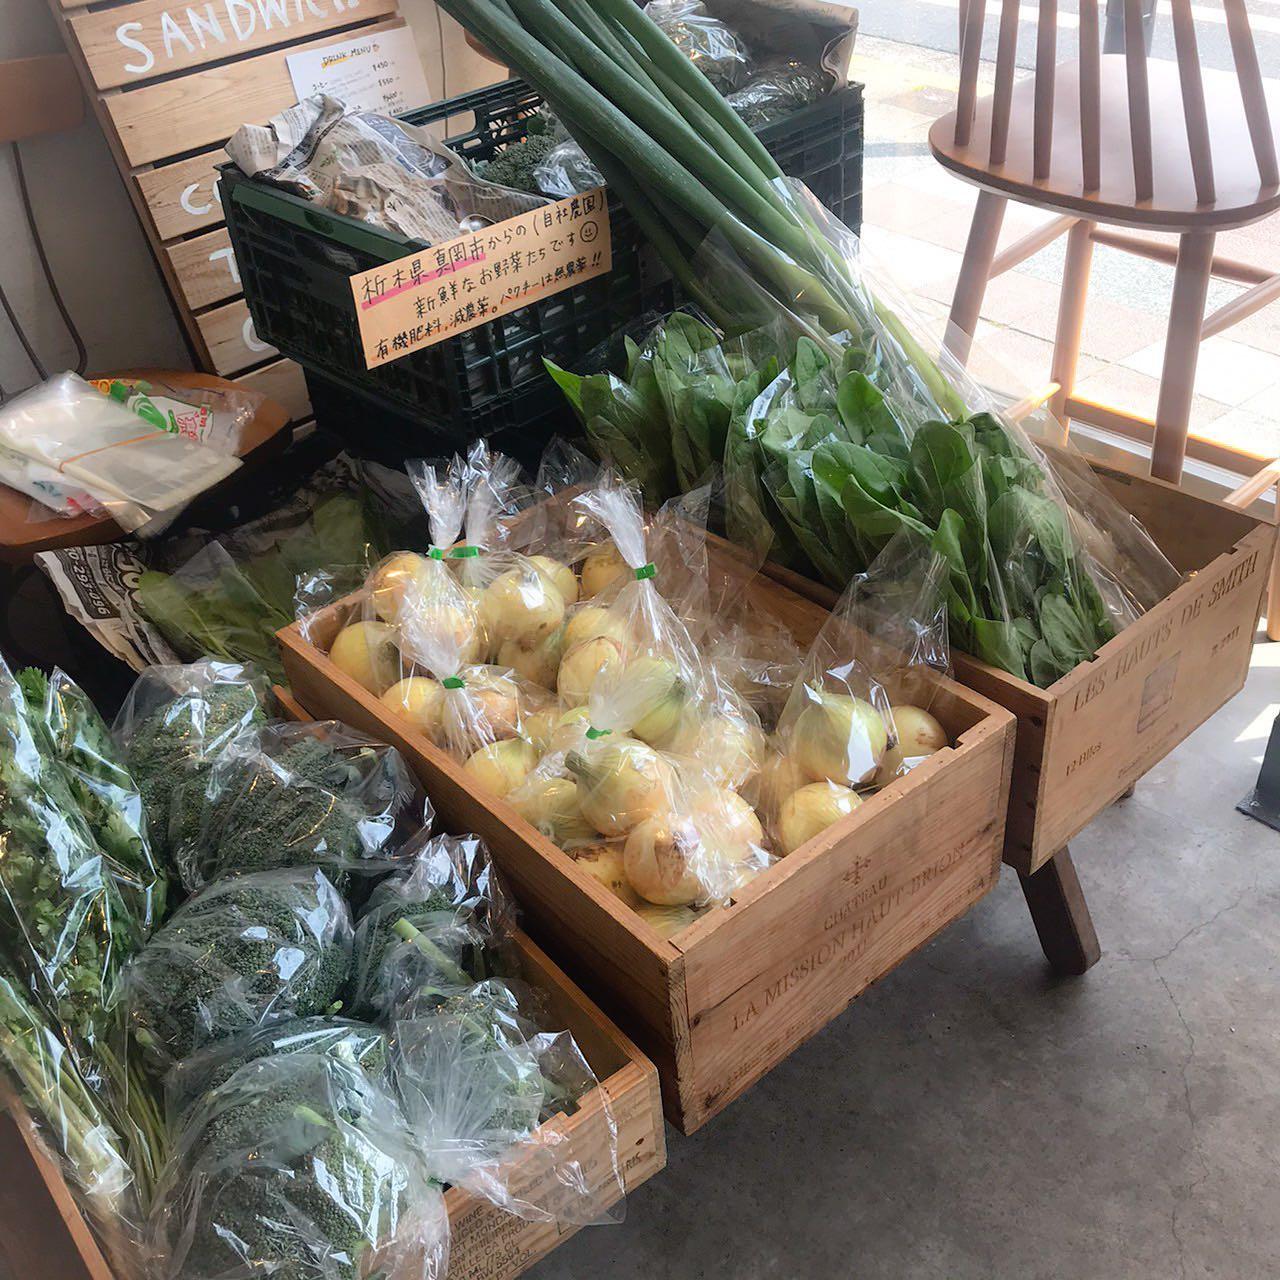 昨日真岡市の畑で収穫したお野菜販売しています減農薬、有機肥料で育てたお野菜です🥬・新玉ねぎ・ねぎ・ほうれん草・ブロッコリー・パクチー(無農薬)新鮮なうちに皆さんにお届けできますように